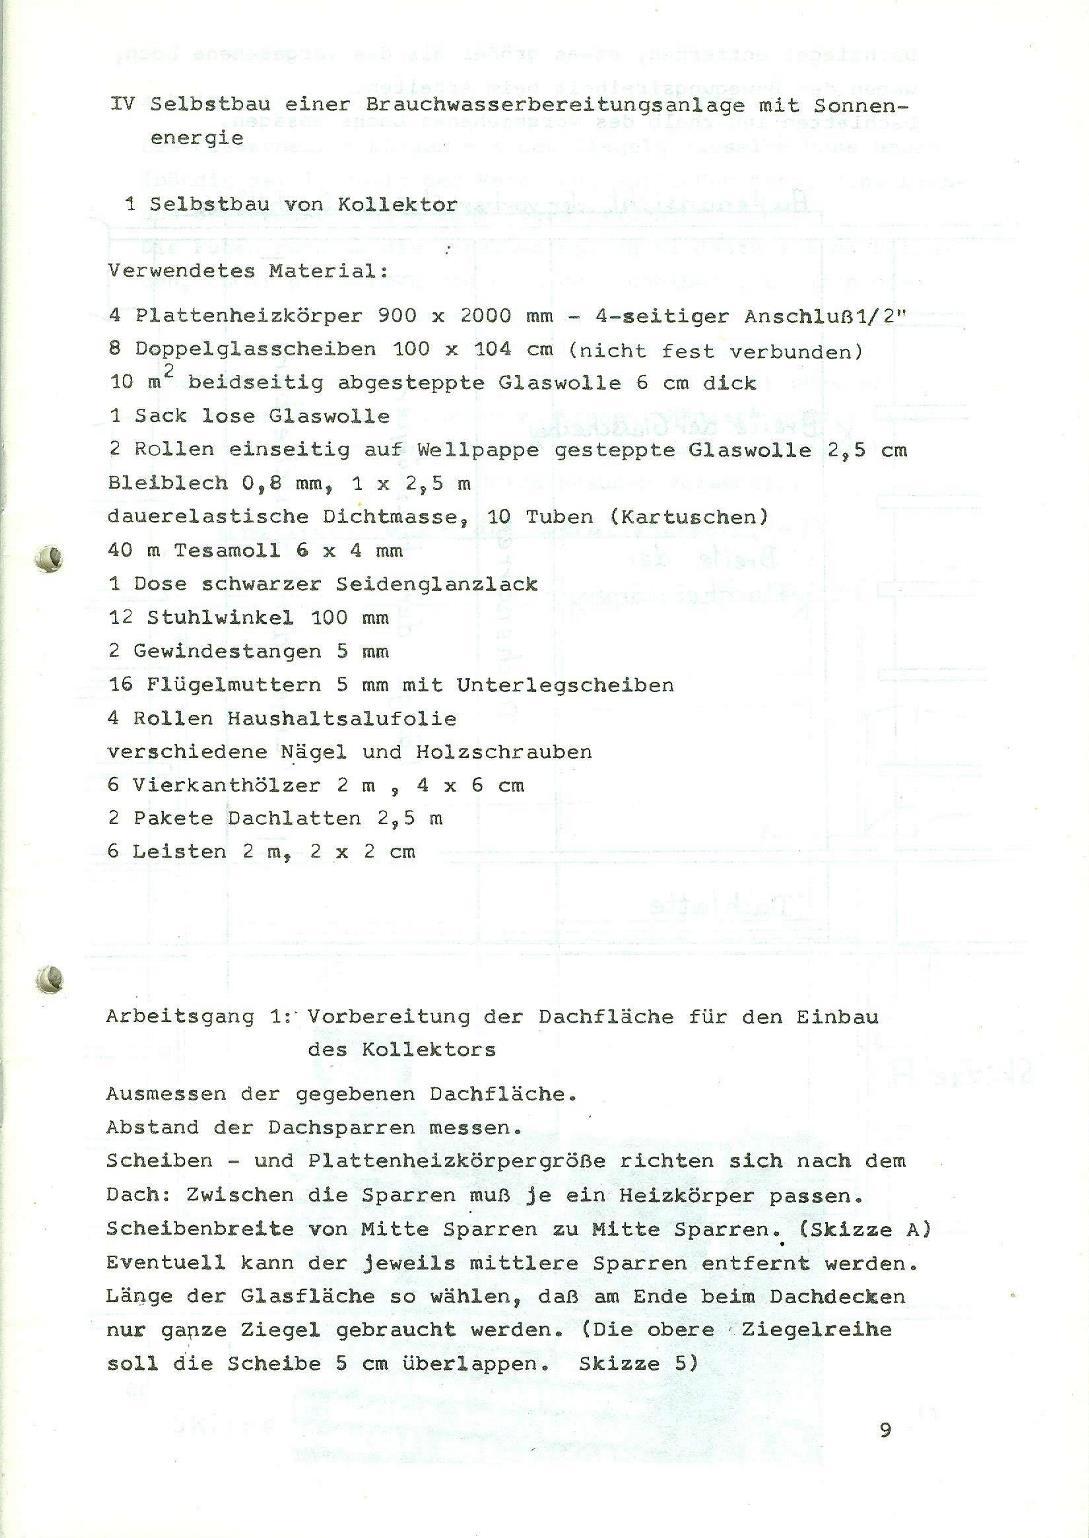 Hessen_AKW066